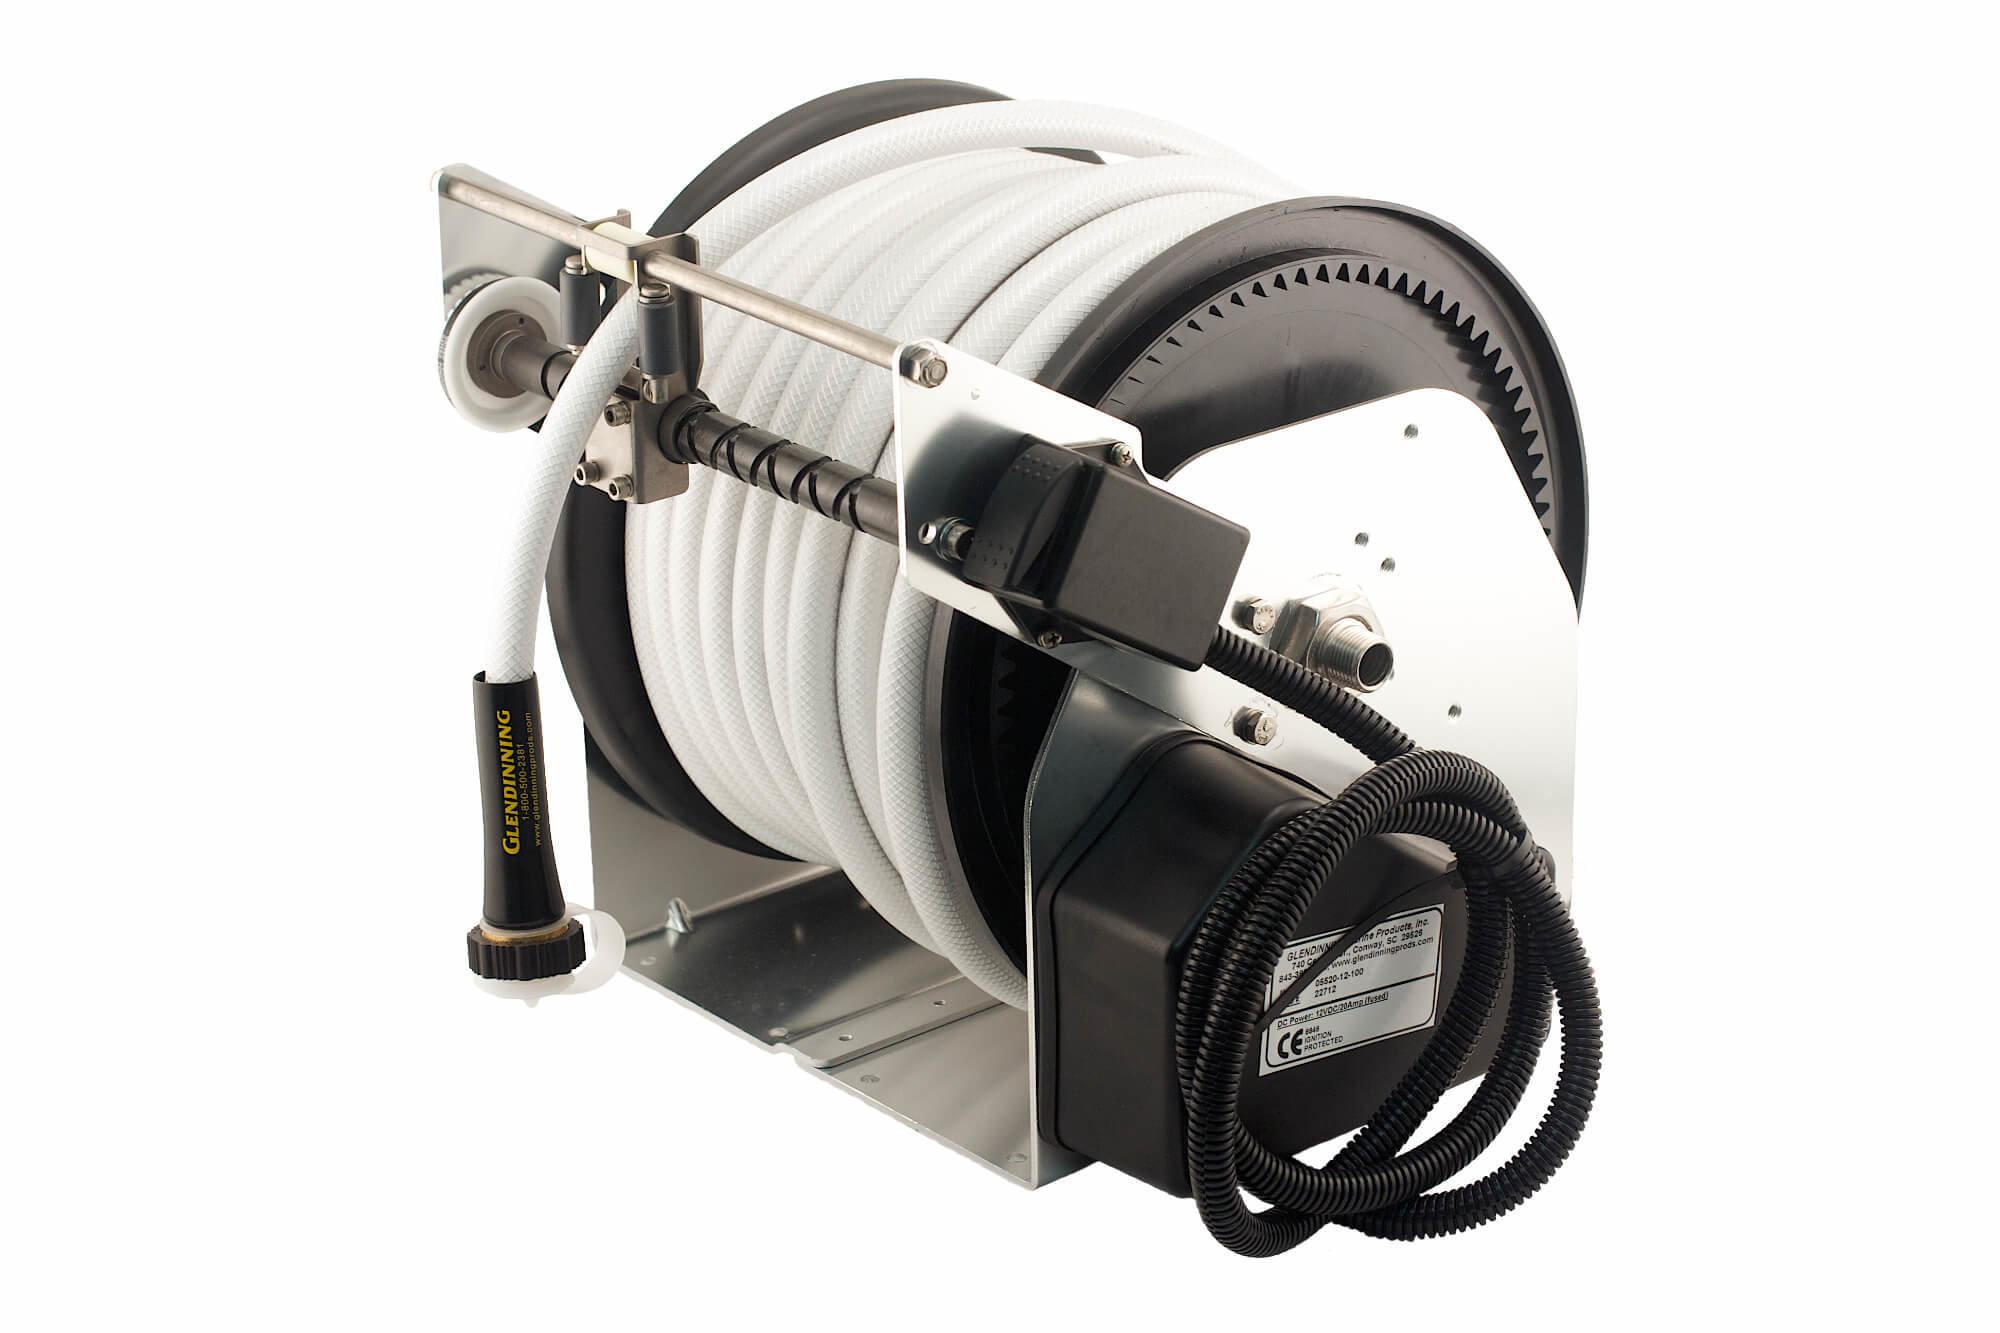 Hosemaster Model LW 05520-12-75